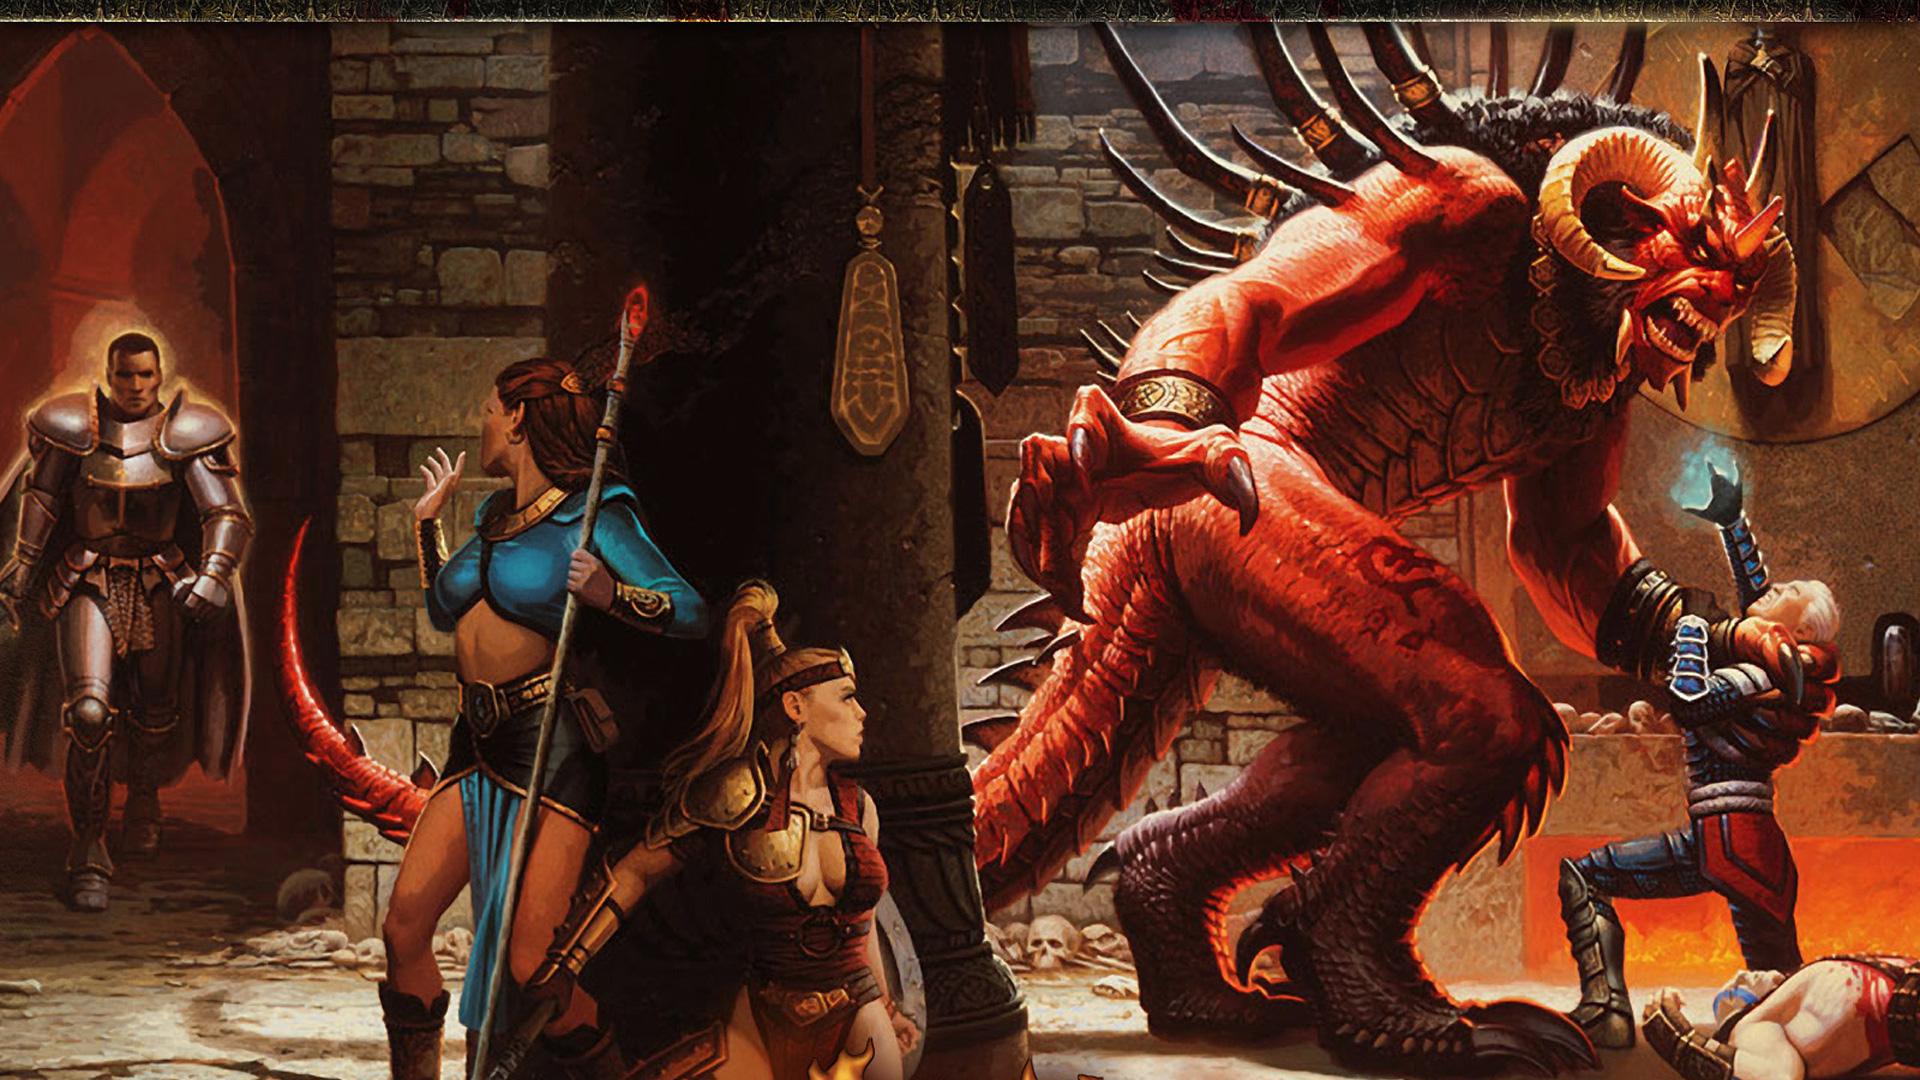 Free Diablo II Wallpaper in 1920x1080